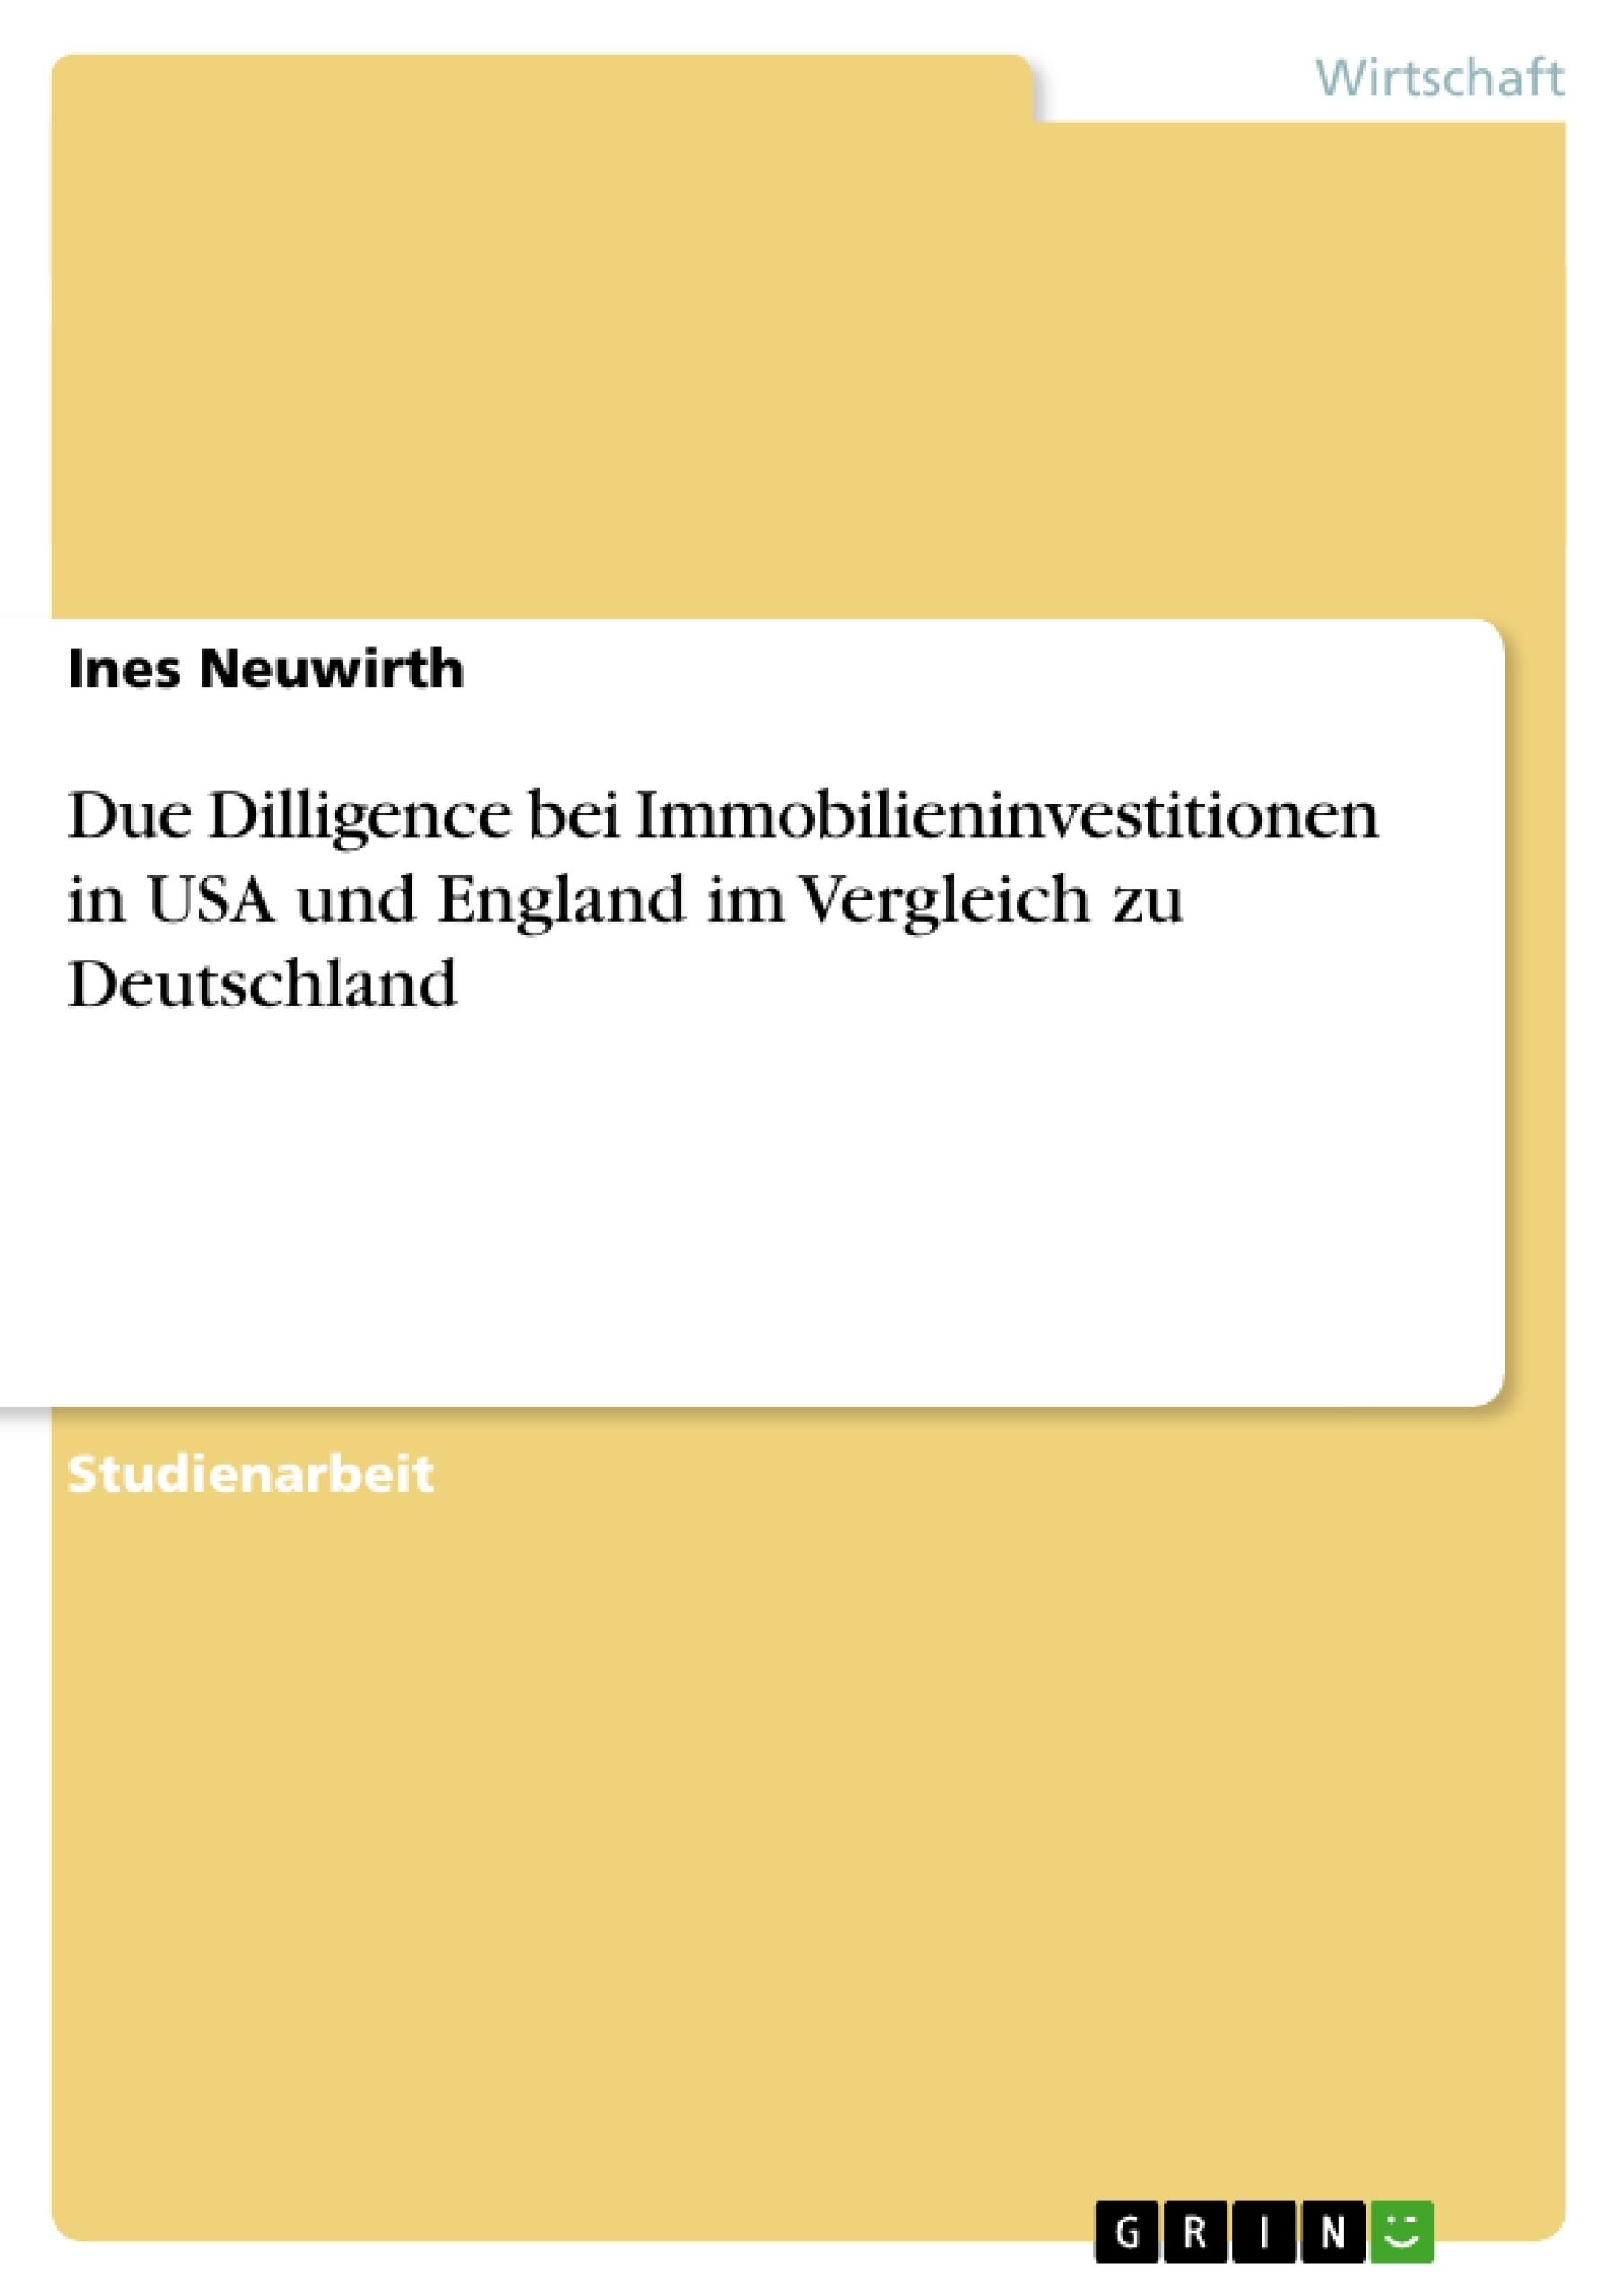 Titel: Due Dilligence bei Immobilieninvestitionen in USA und England im Vergleich zu Deutschland